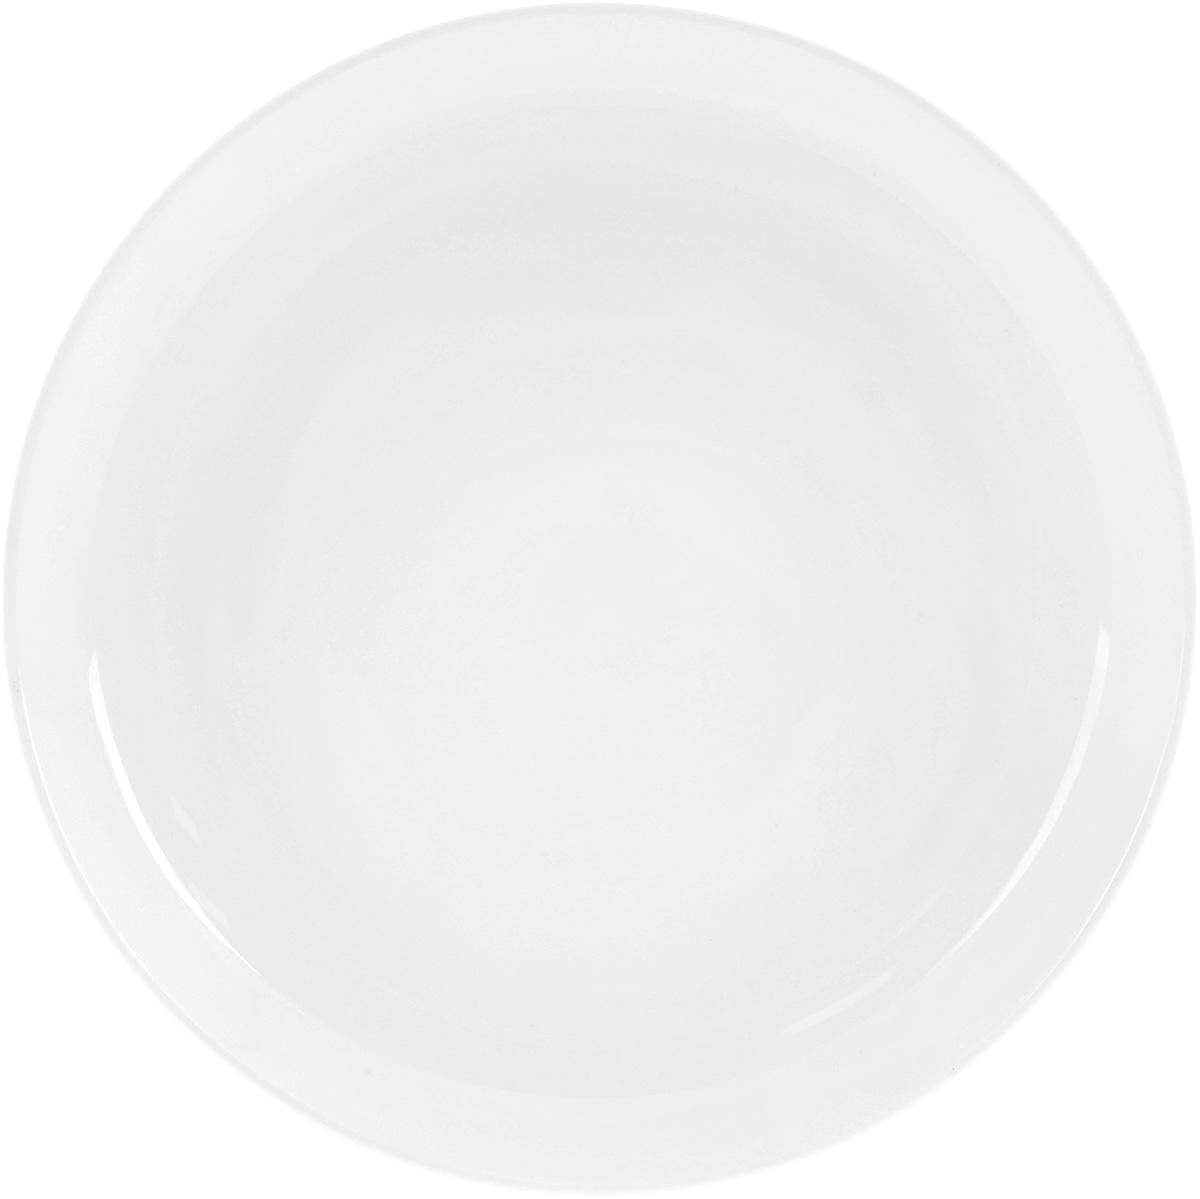 Тарелка Wilmax, диаметр 15 смWL-991011 / AТарелка Wilmax выполнена из высококачественного фарфора с глазурованным покрытием. Благодаря уникальной технологии, изделие устойчиво к сколам и обладает исключительной белизной. Такая посуда идеально подойдет для сервировки стола и станет отличным подарком к любому празднику.